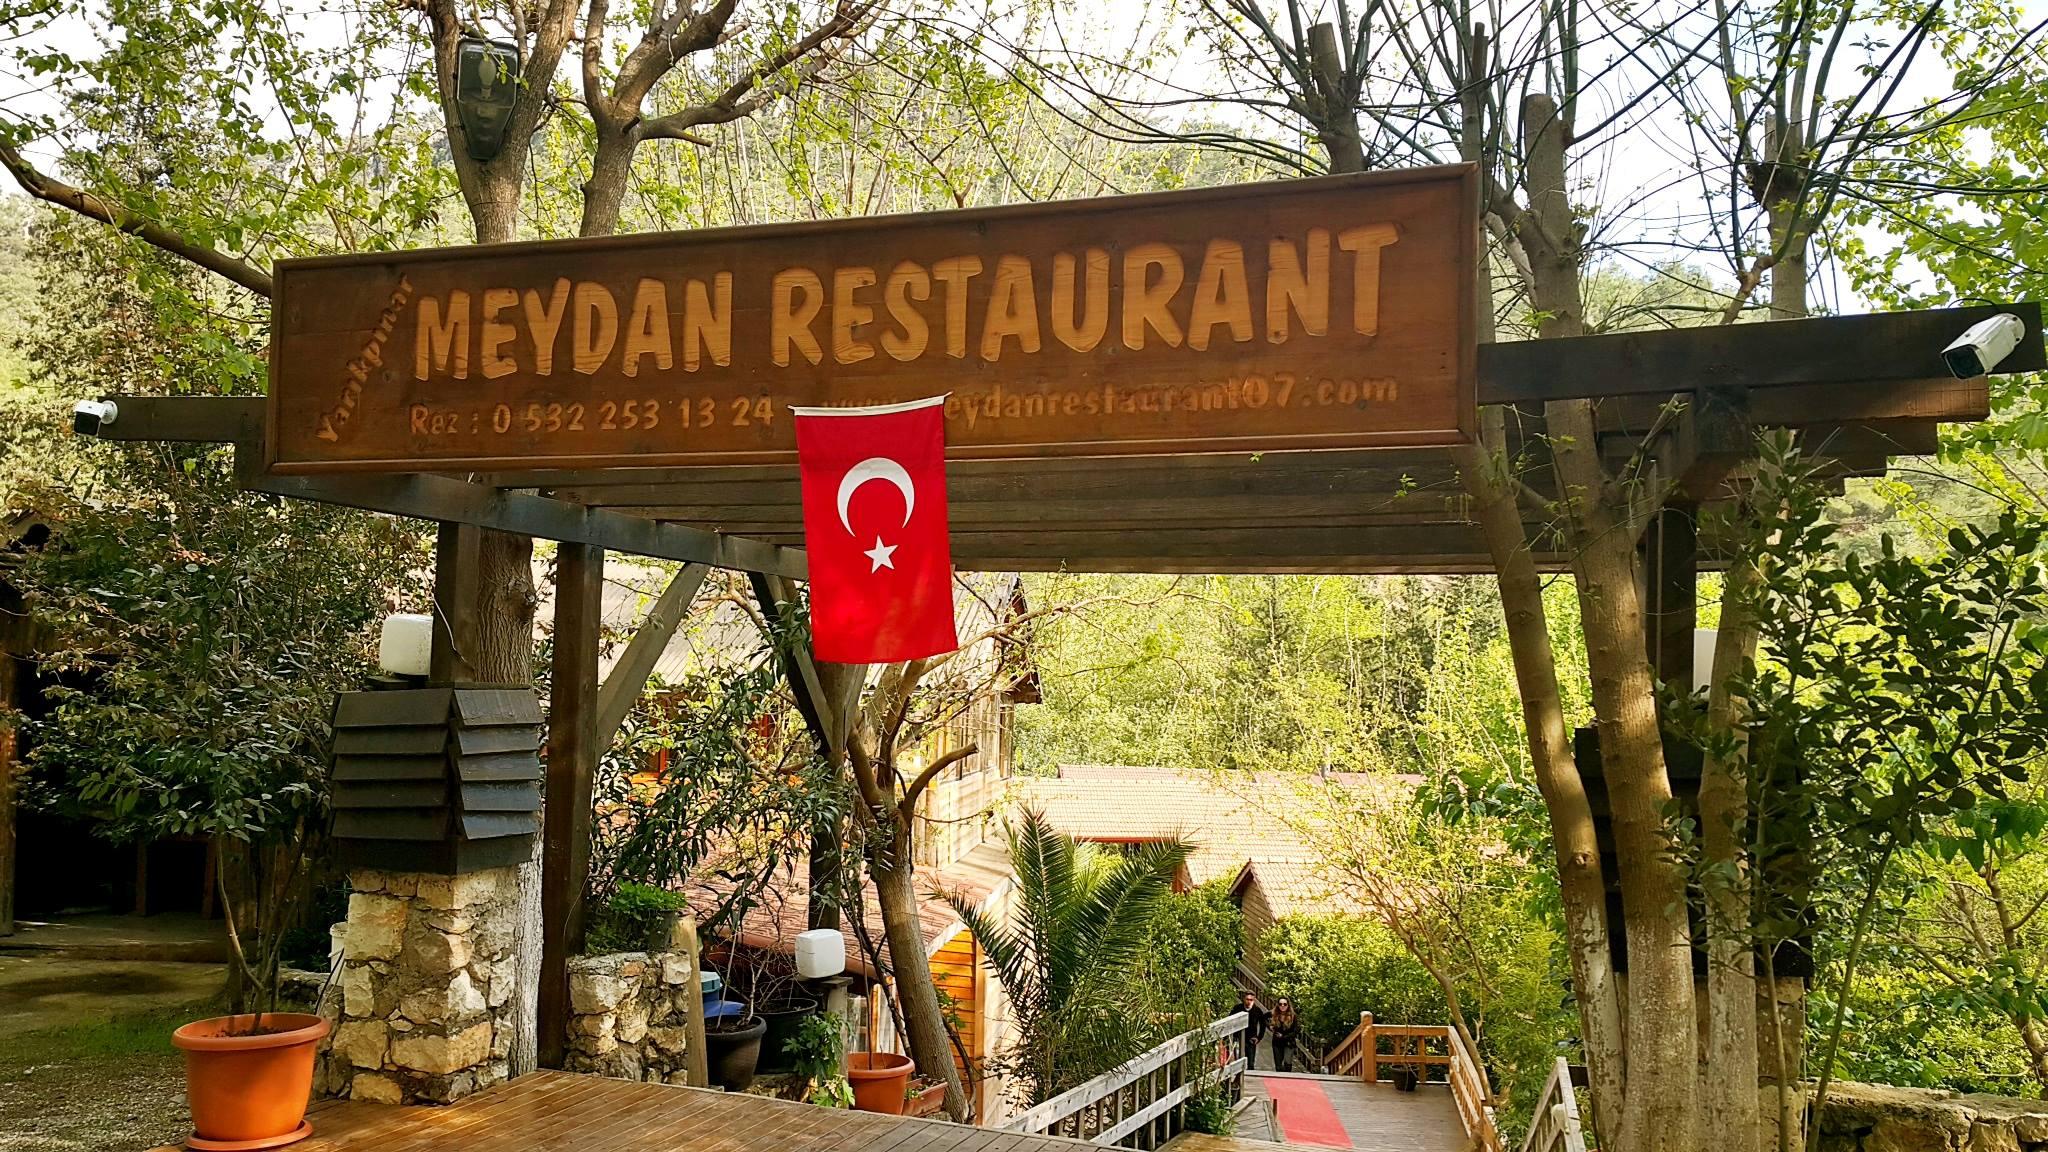 Antalya Yarıkpınar Meydan Restaurant  0532 253 13 24 kahvaltı akşam yemeği balık et restoranı ulupınar gezilecek yerler